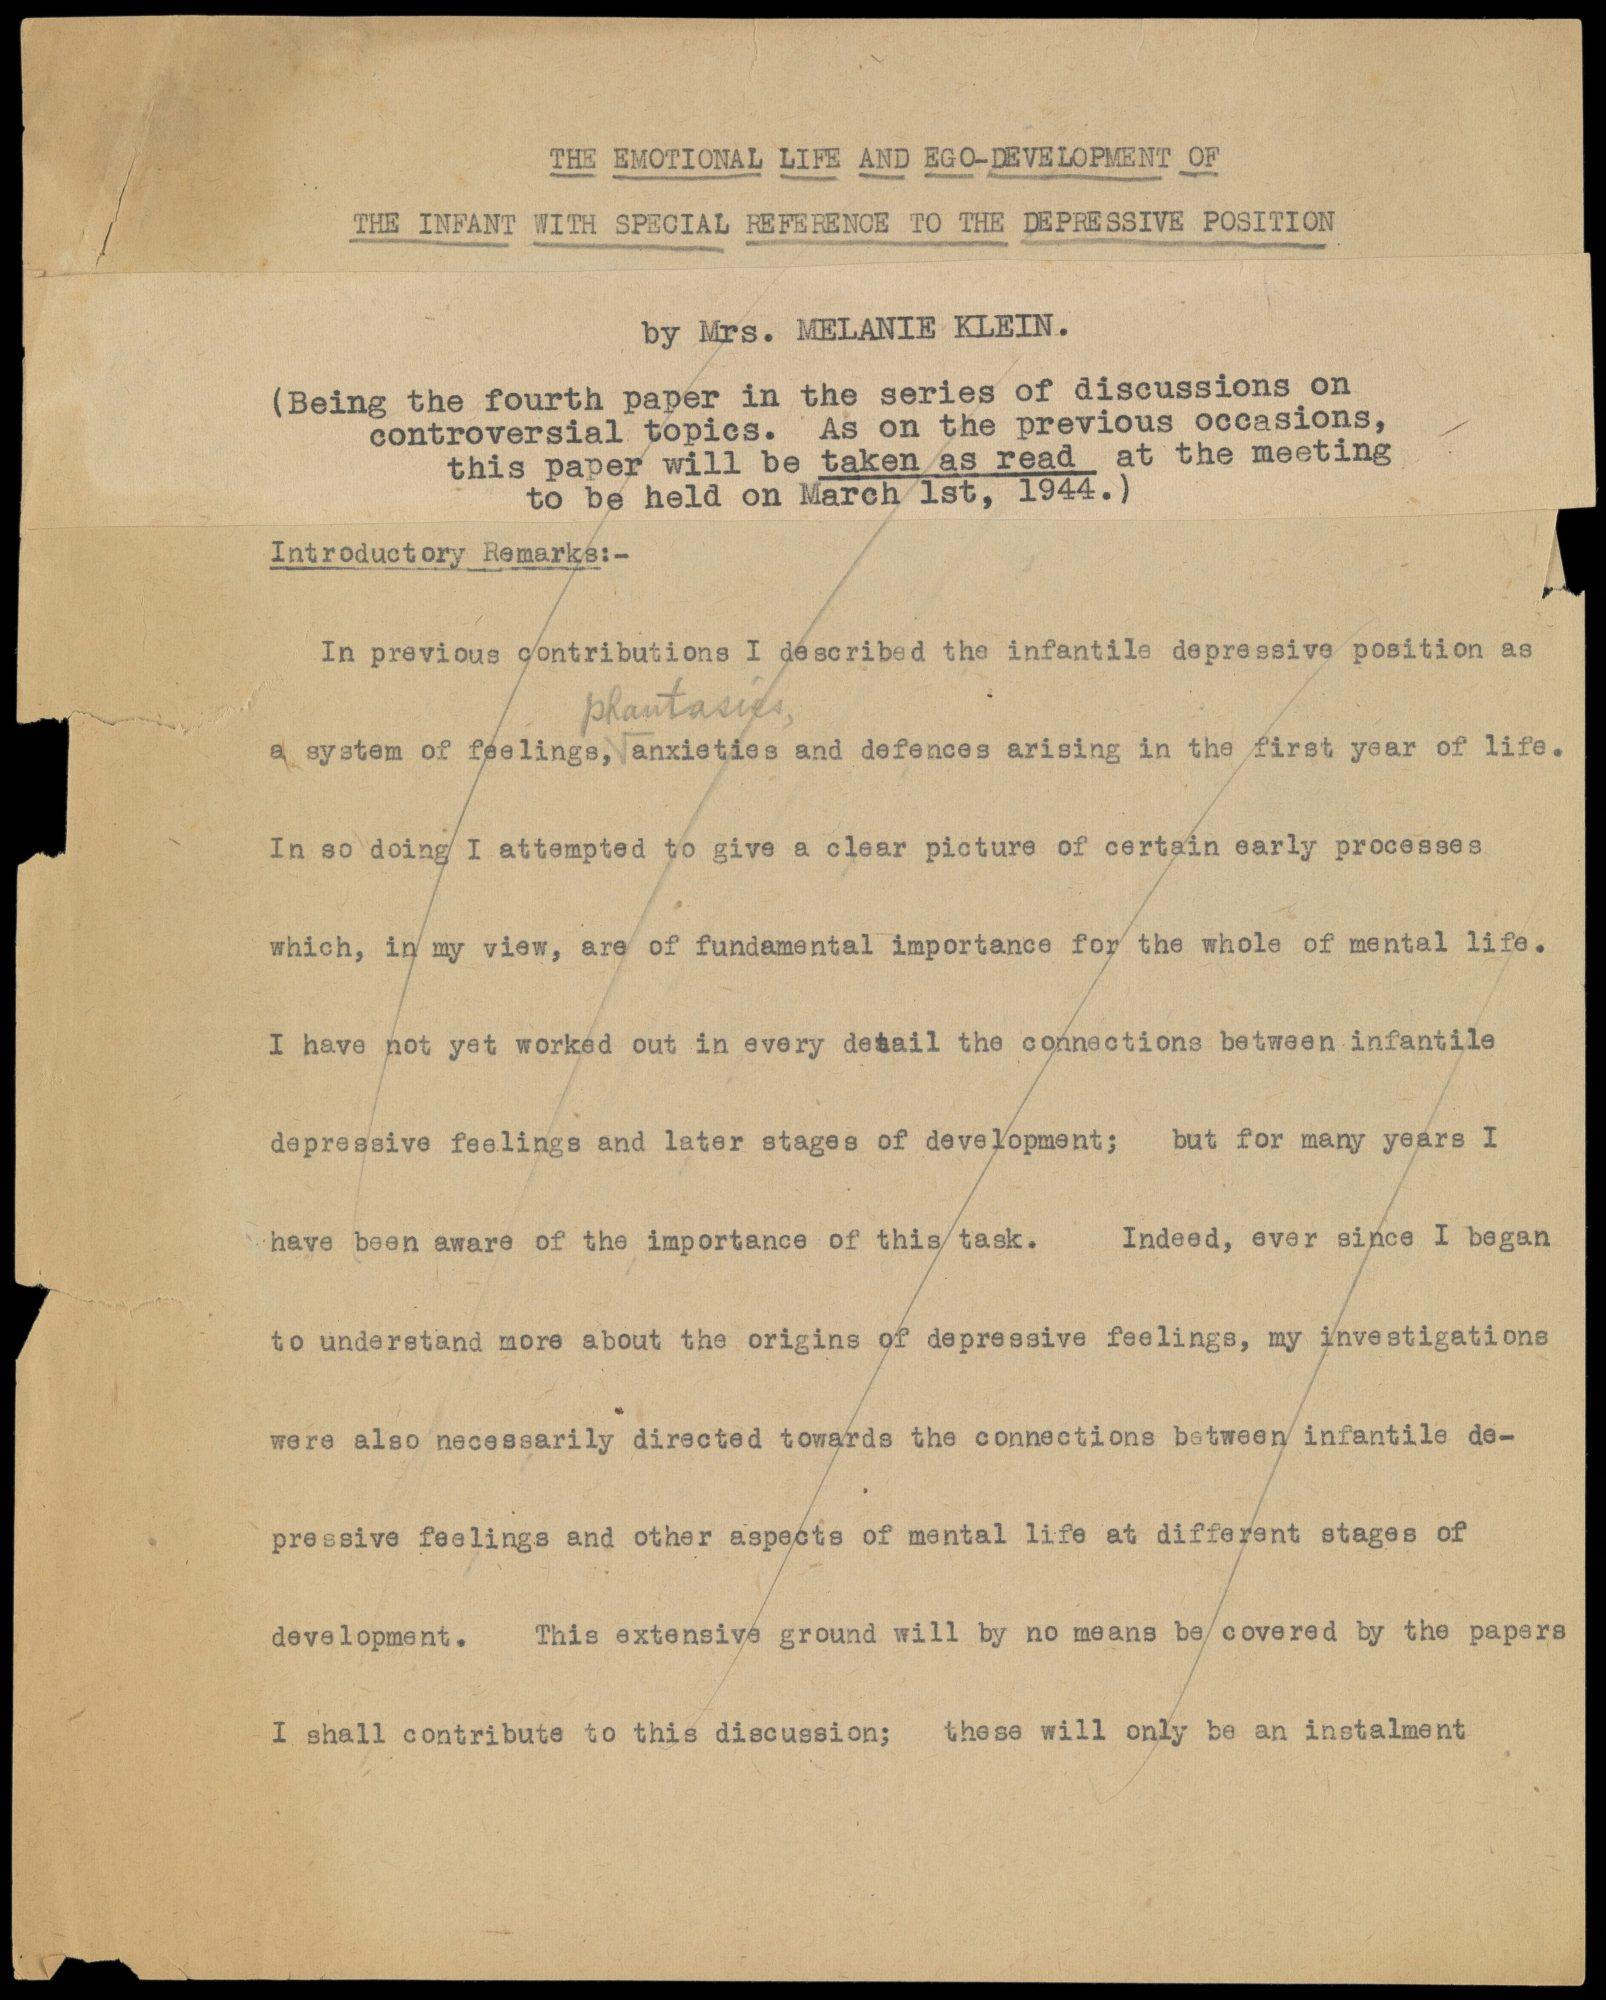 Primera página del borrador del artículo de Klein 'The Emotional Life and Ego Development of the Infant', que fue el tema central de la cuarta de las Grandes Controversias en marzo de 1944